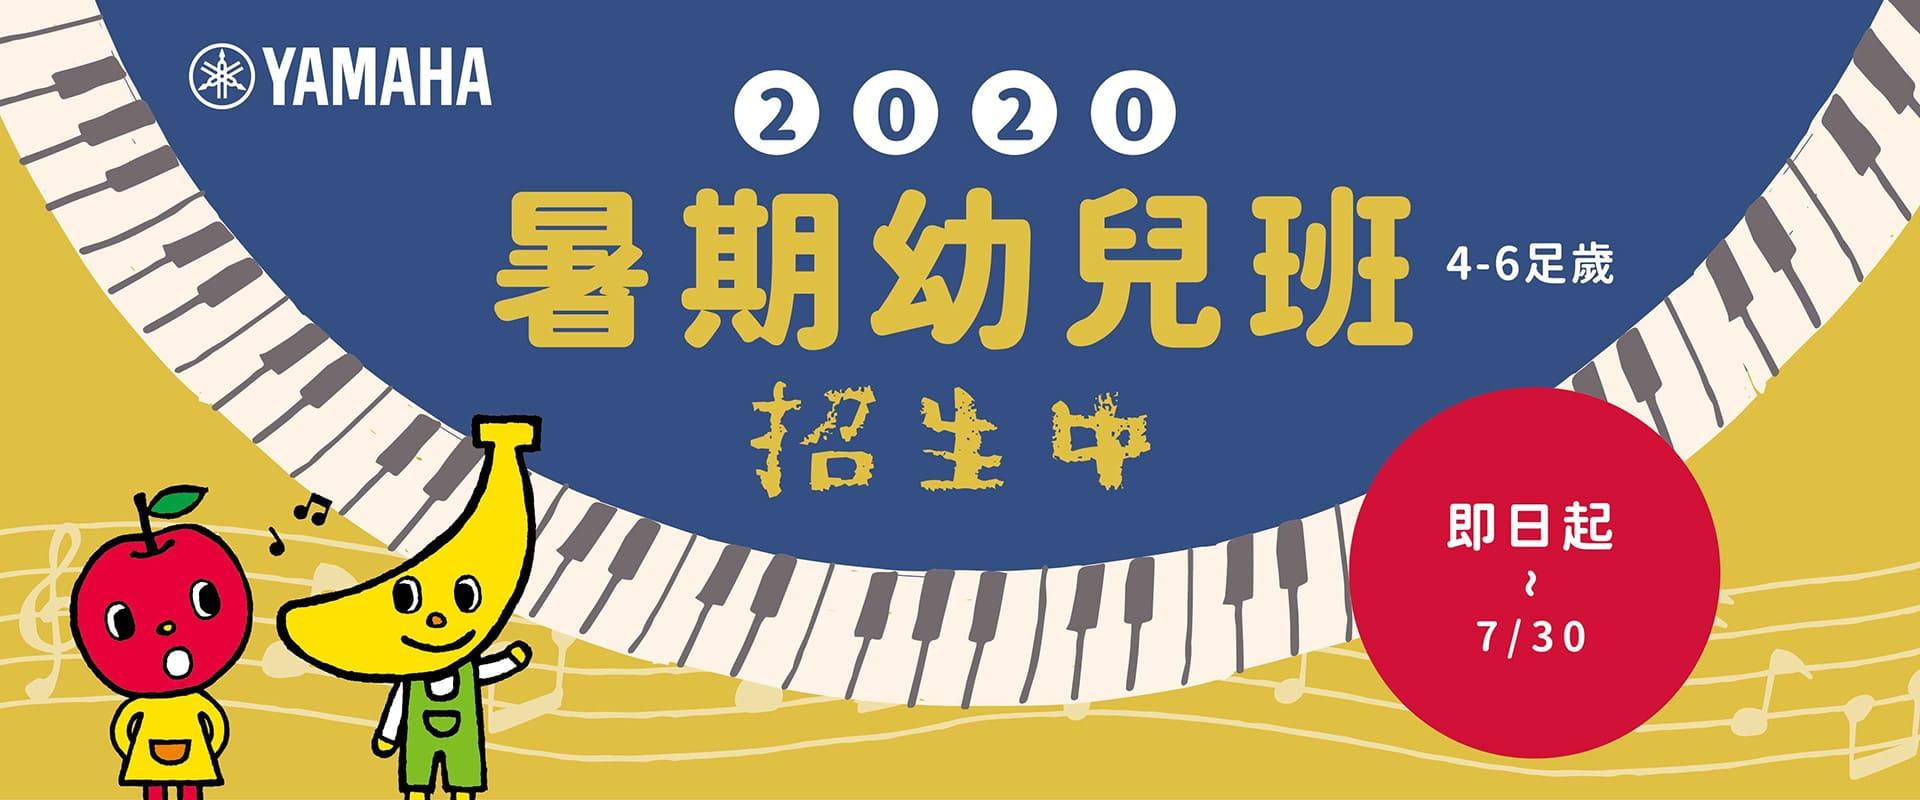 2020 暑期音樂班招生中|全方位樂器